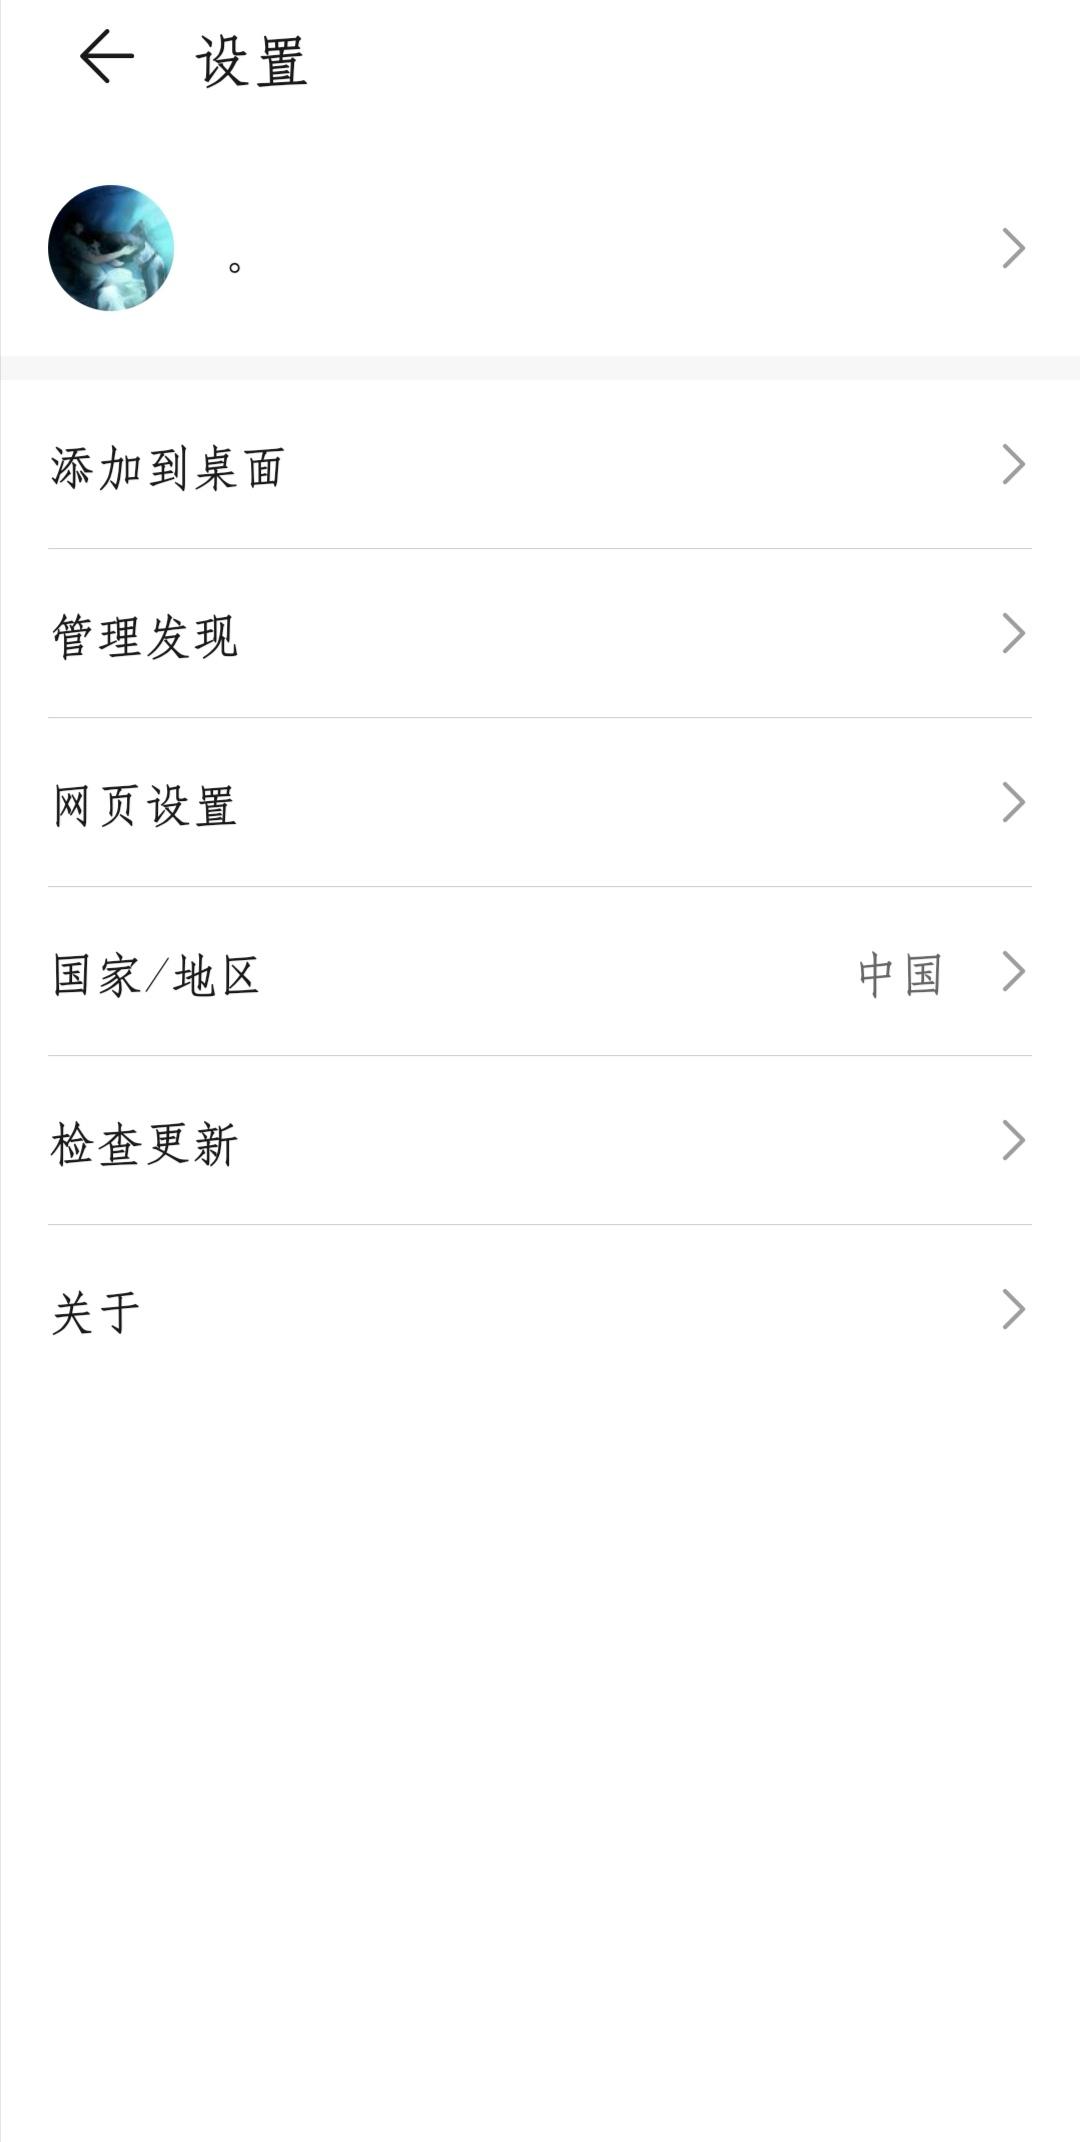 Screenshot_20200517_221710.jpg